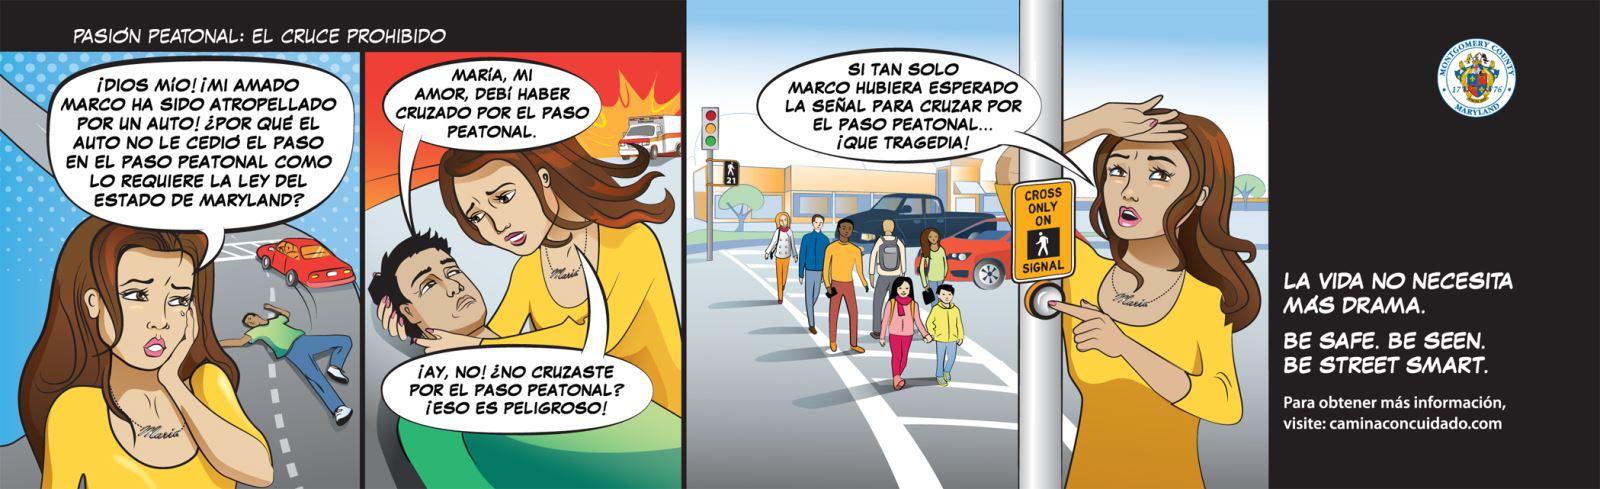 Pasion Peatonal: El Cruce Prohibido